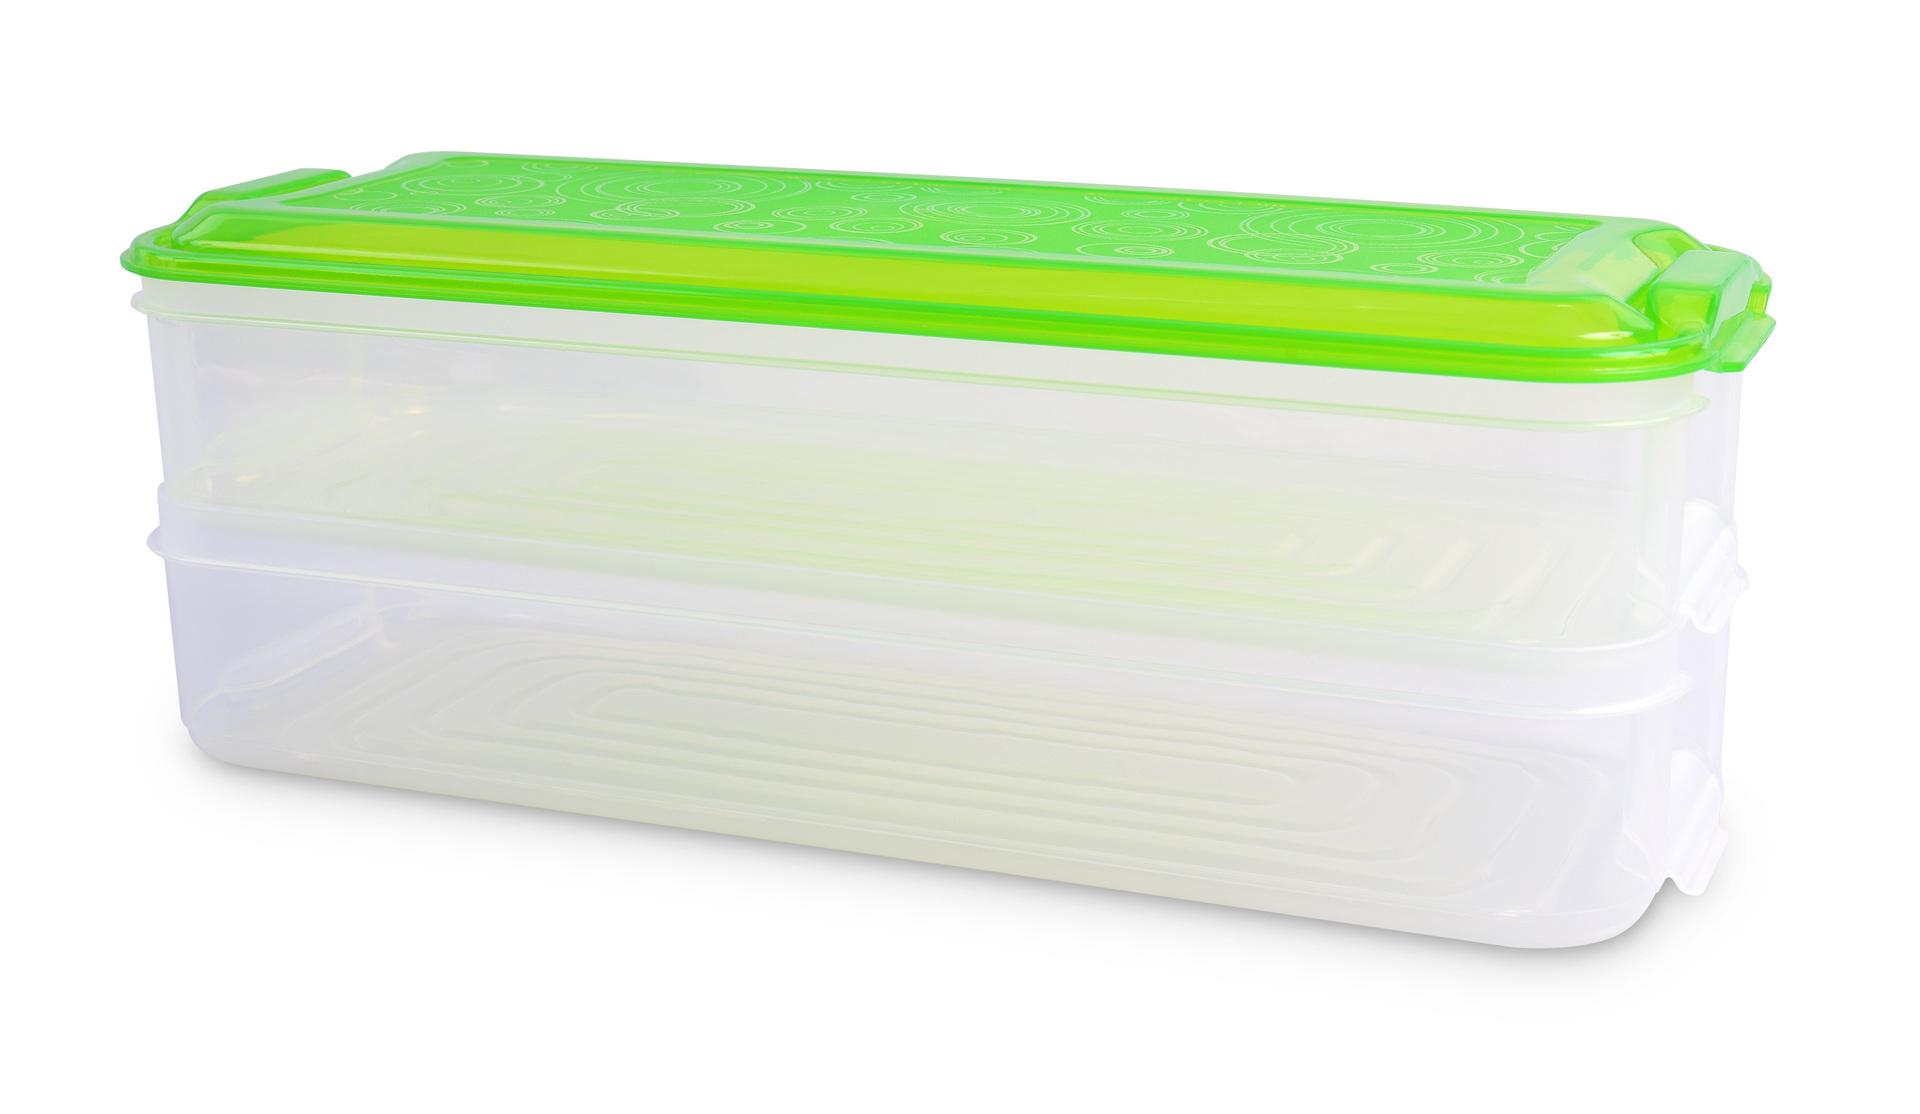 CHLADNIČKOBOX 2 patrový box na potraviny